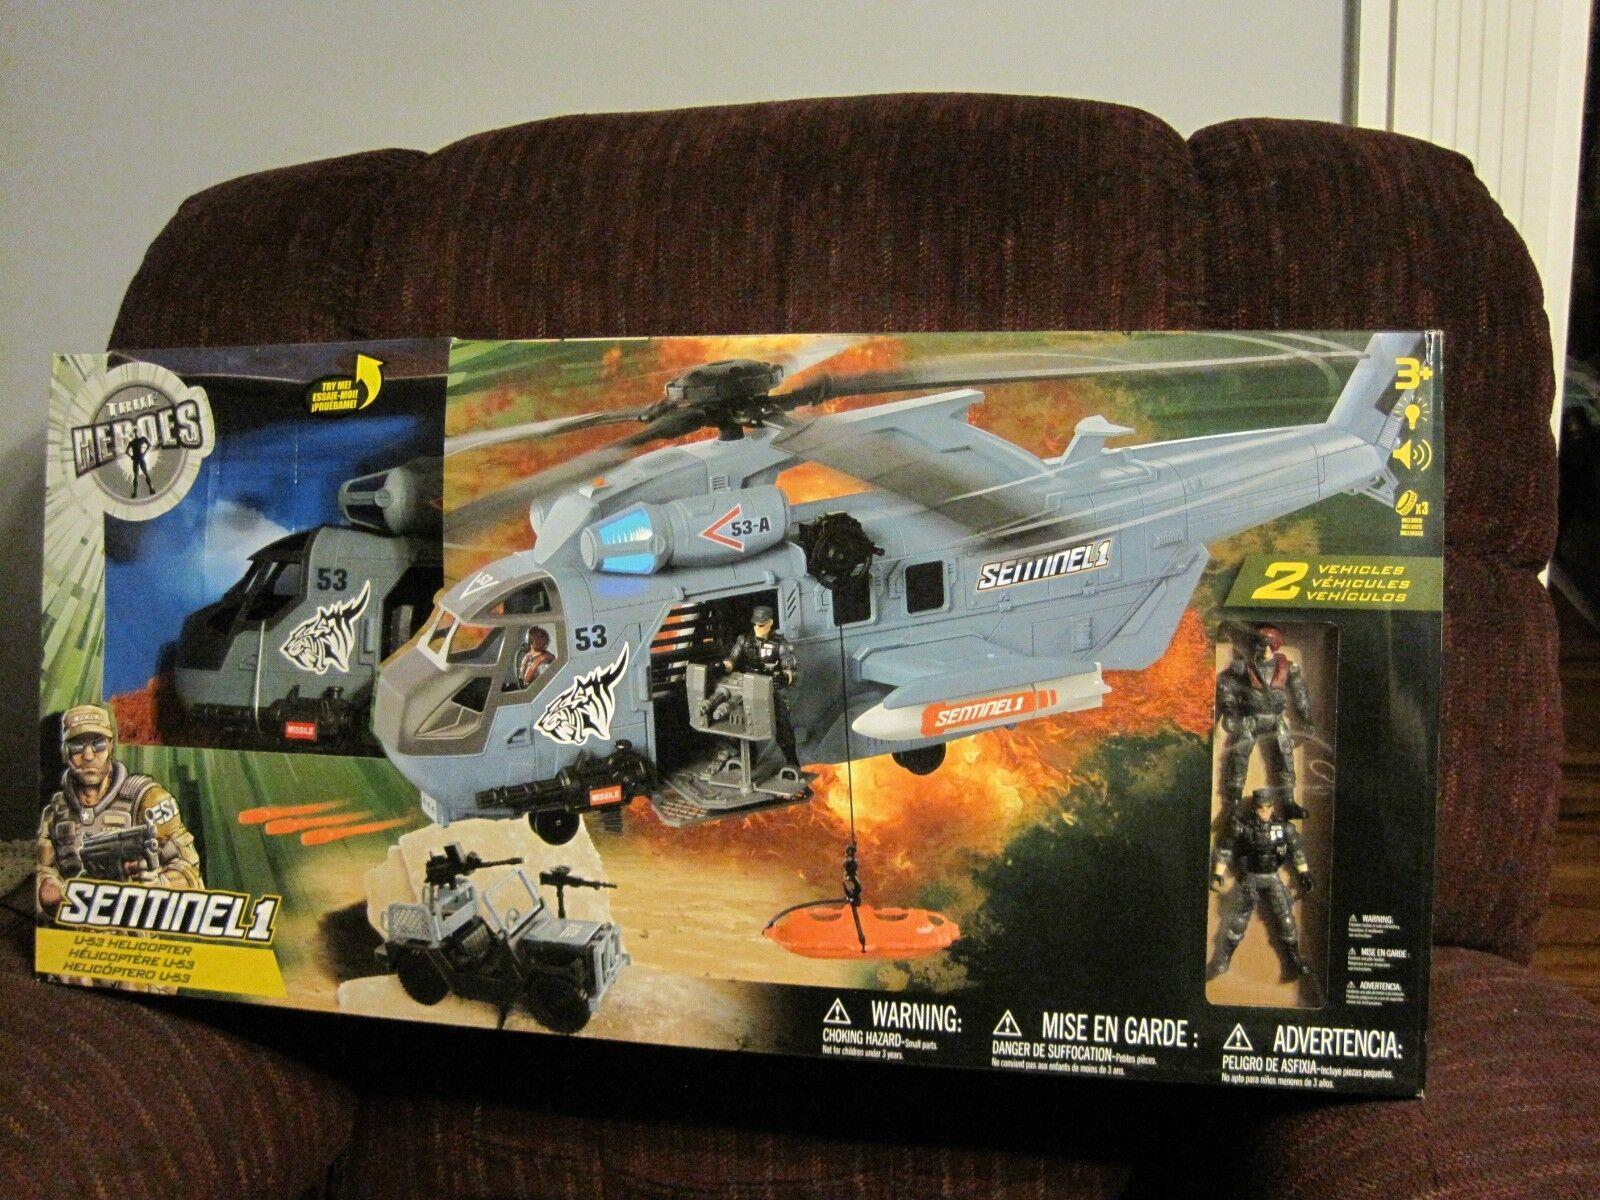 Un helicóptero u - 53, el jeep nuevo, no se abrió.